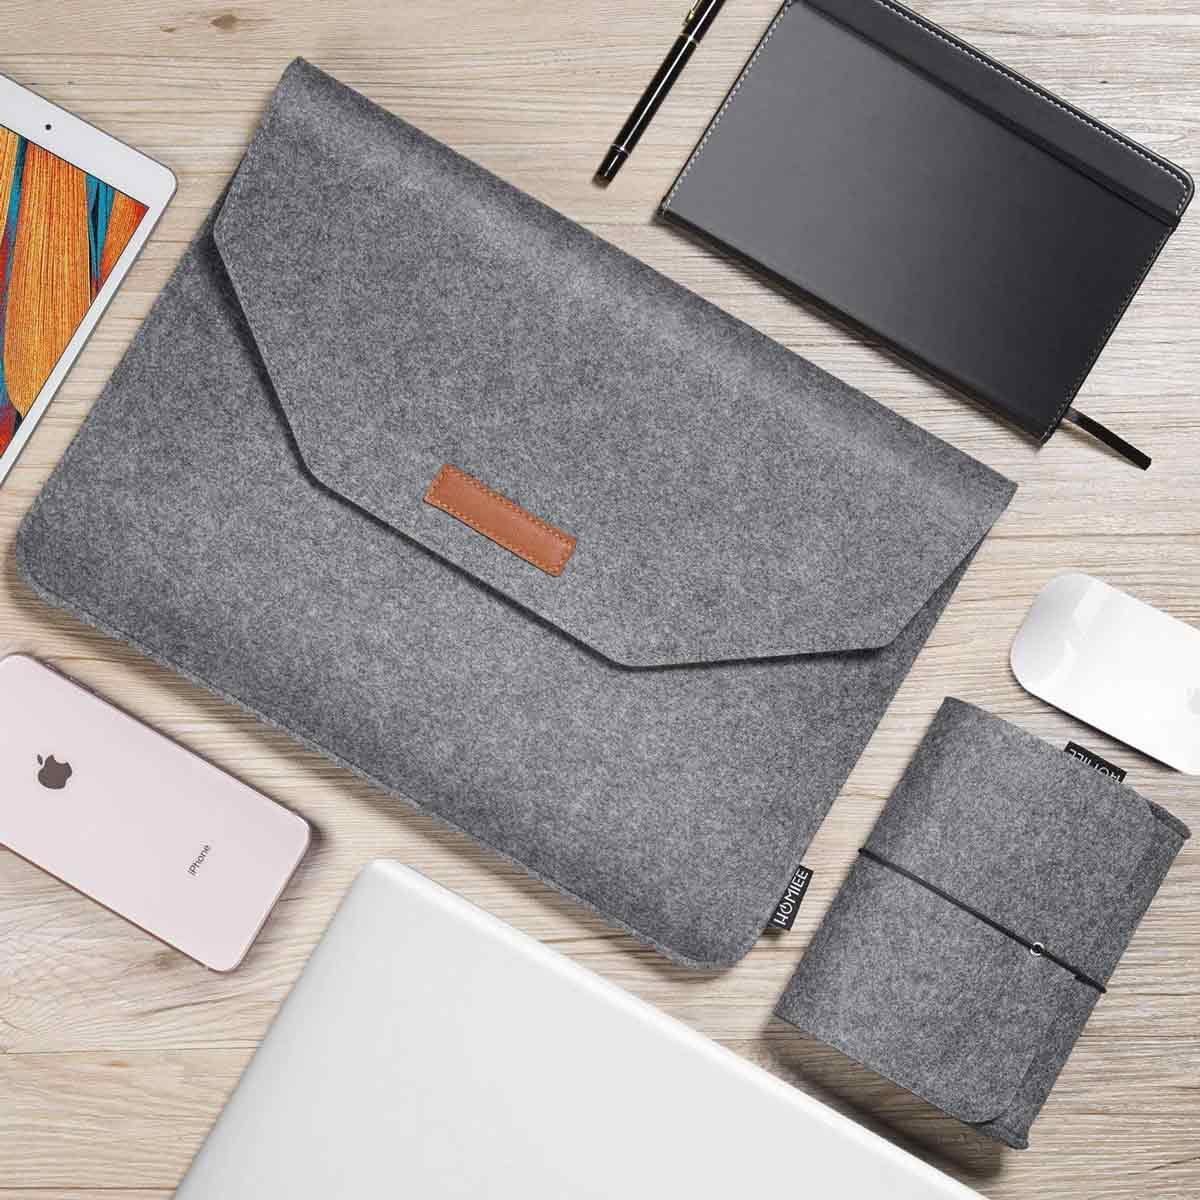 Felt-Laptop-Protector